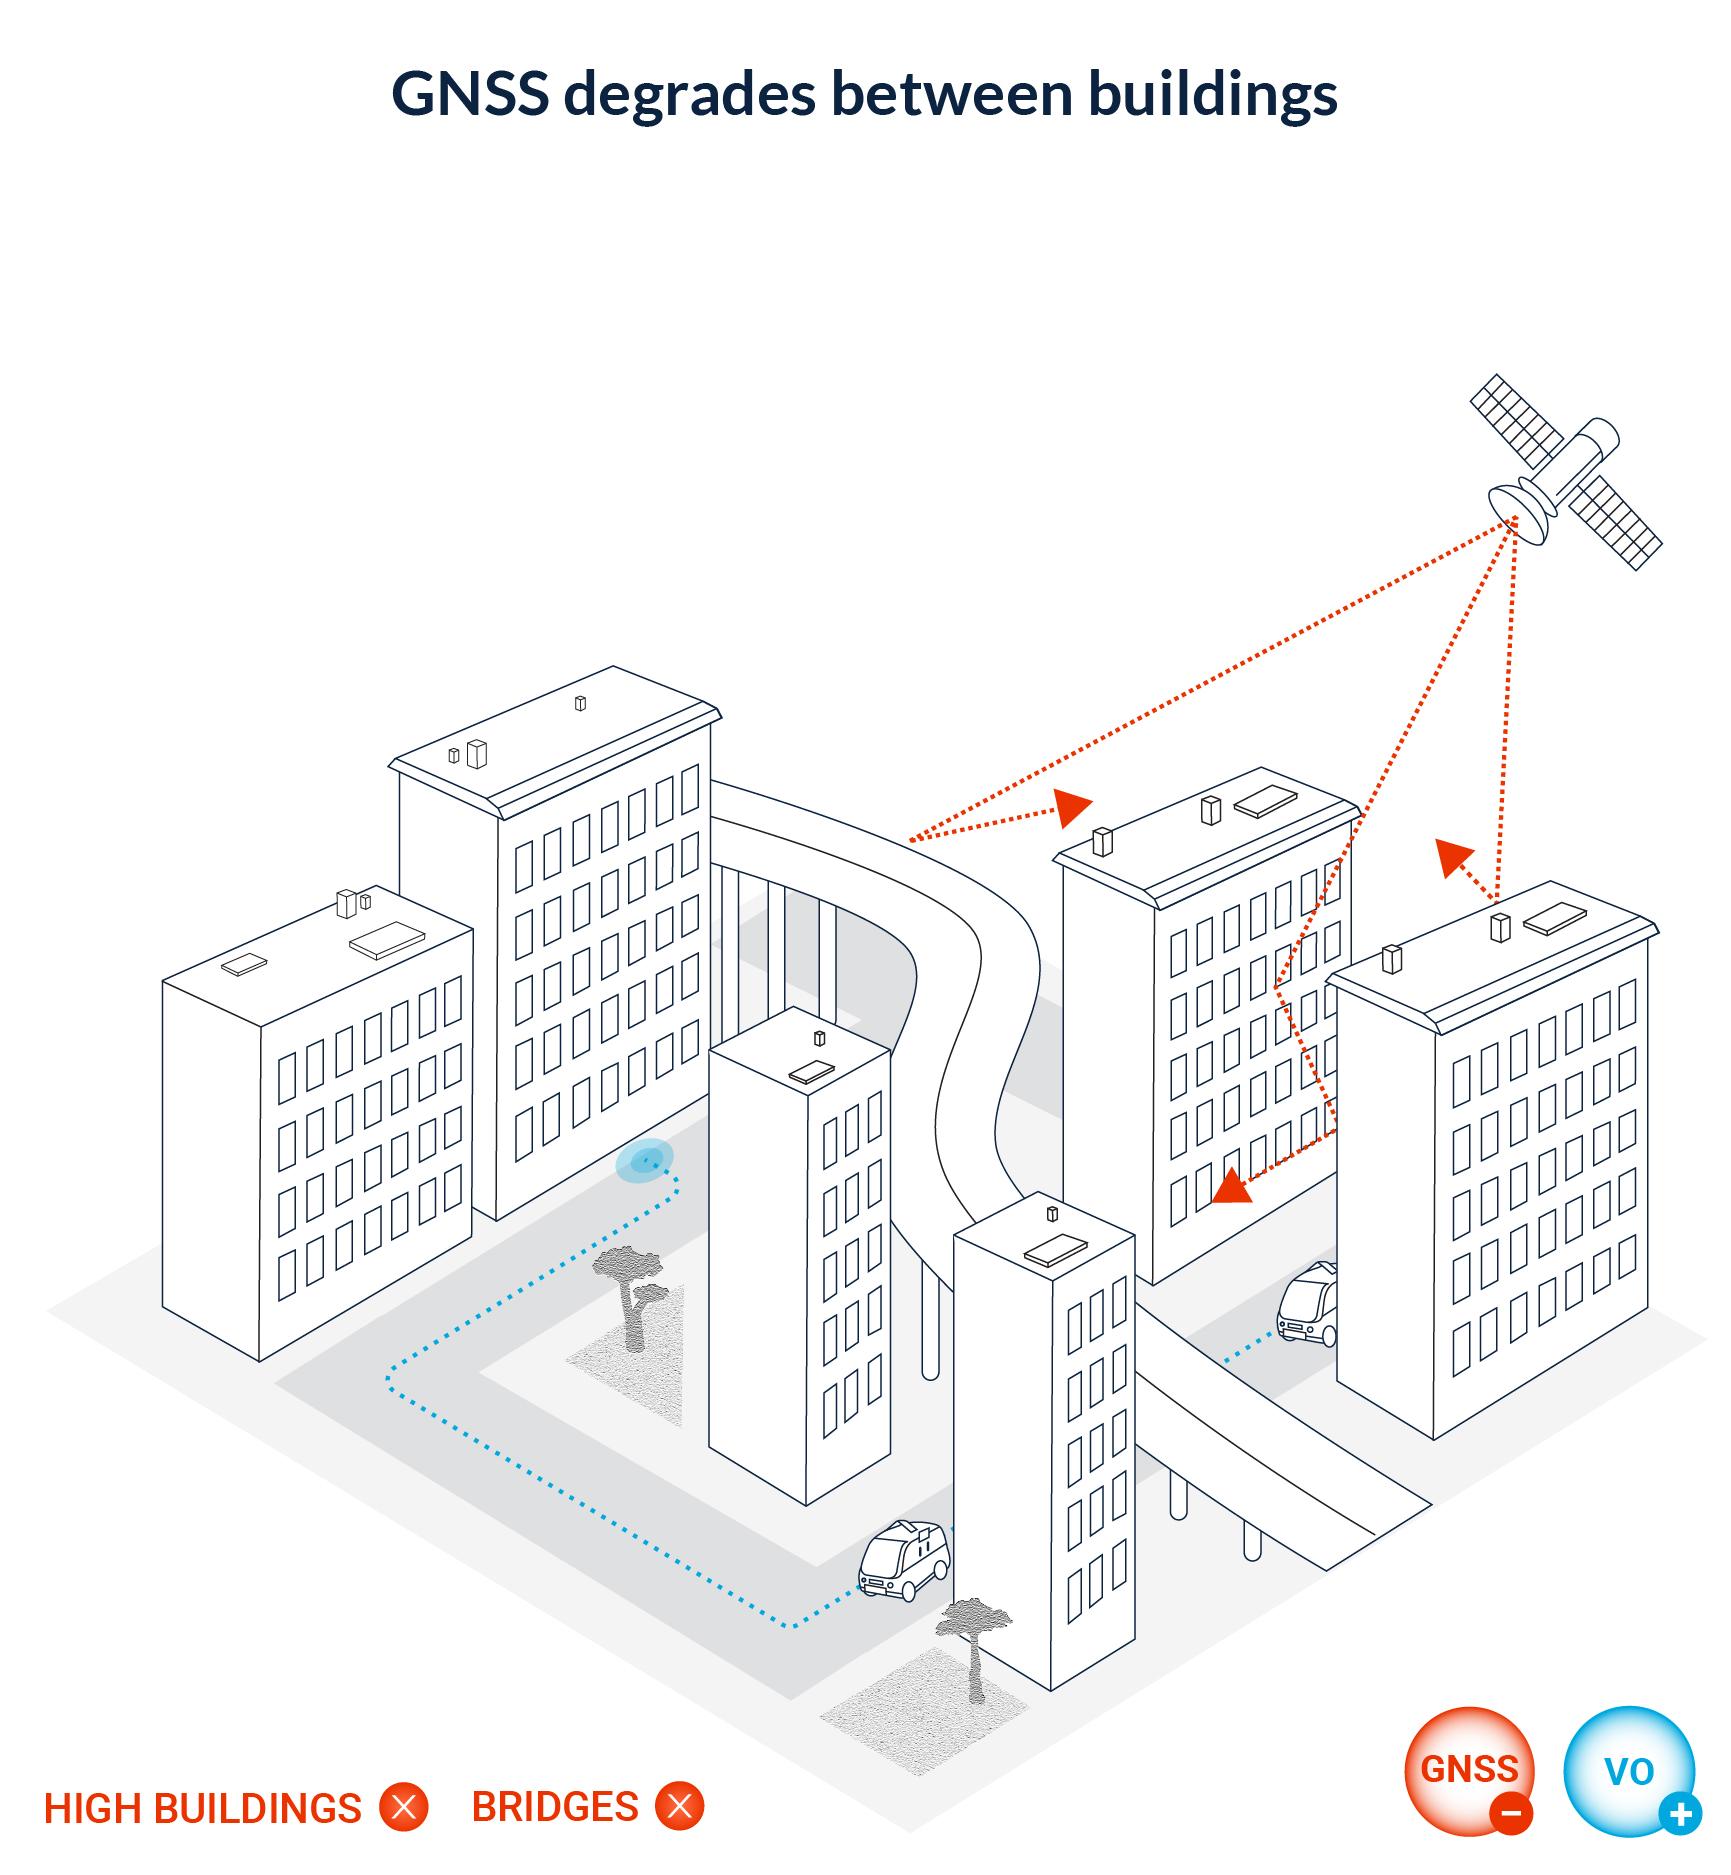 GNSS degrades between buildings.